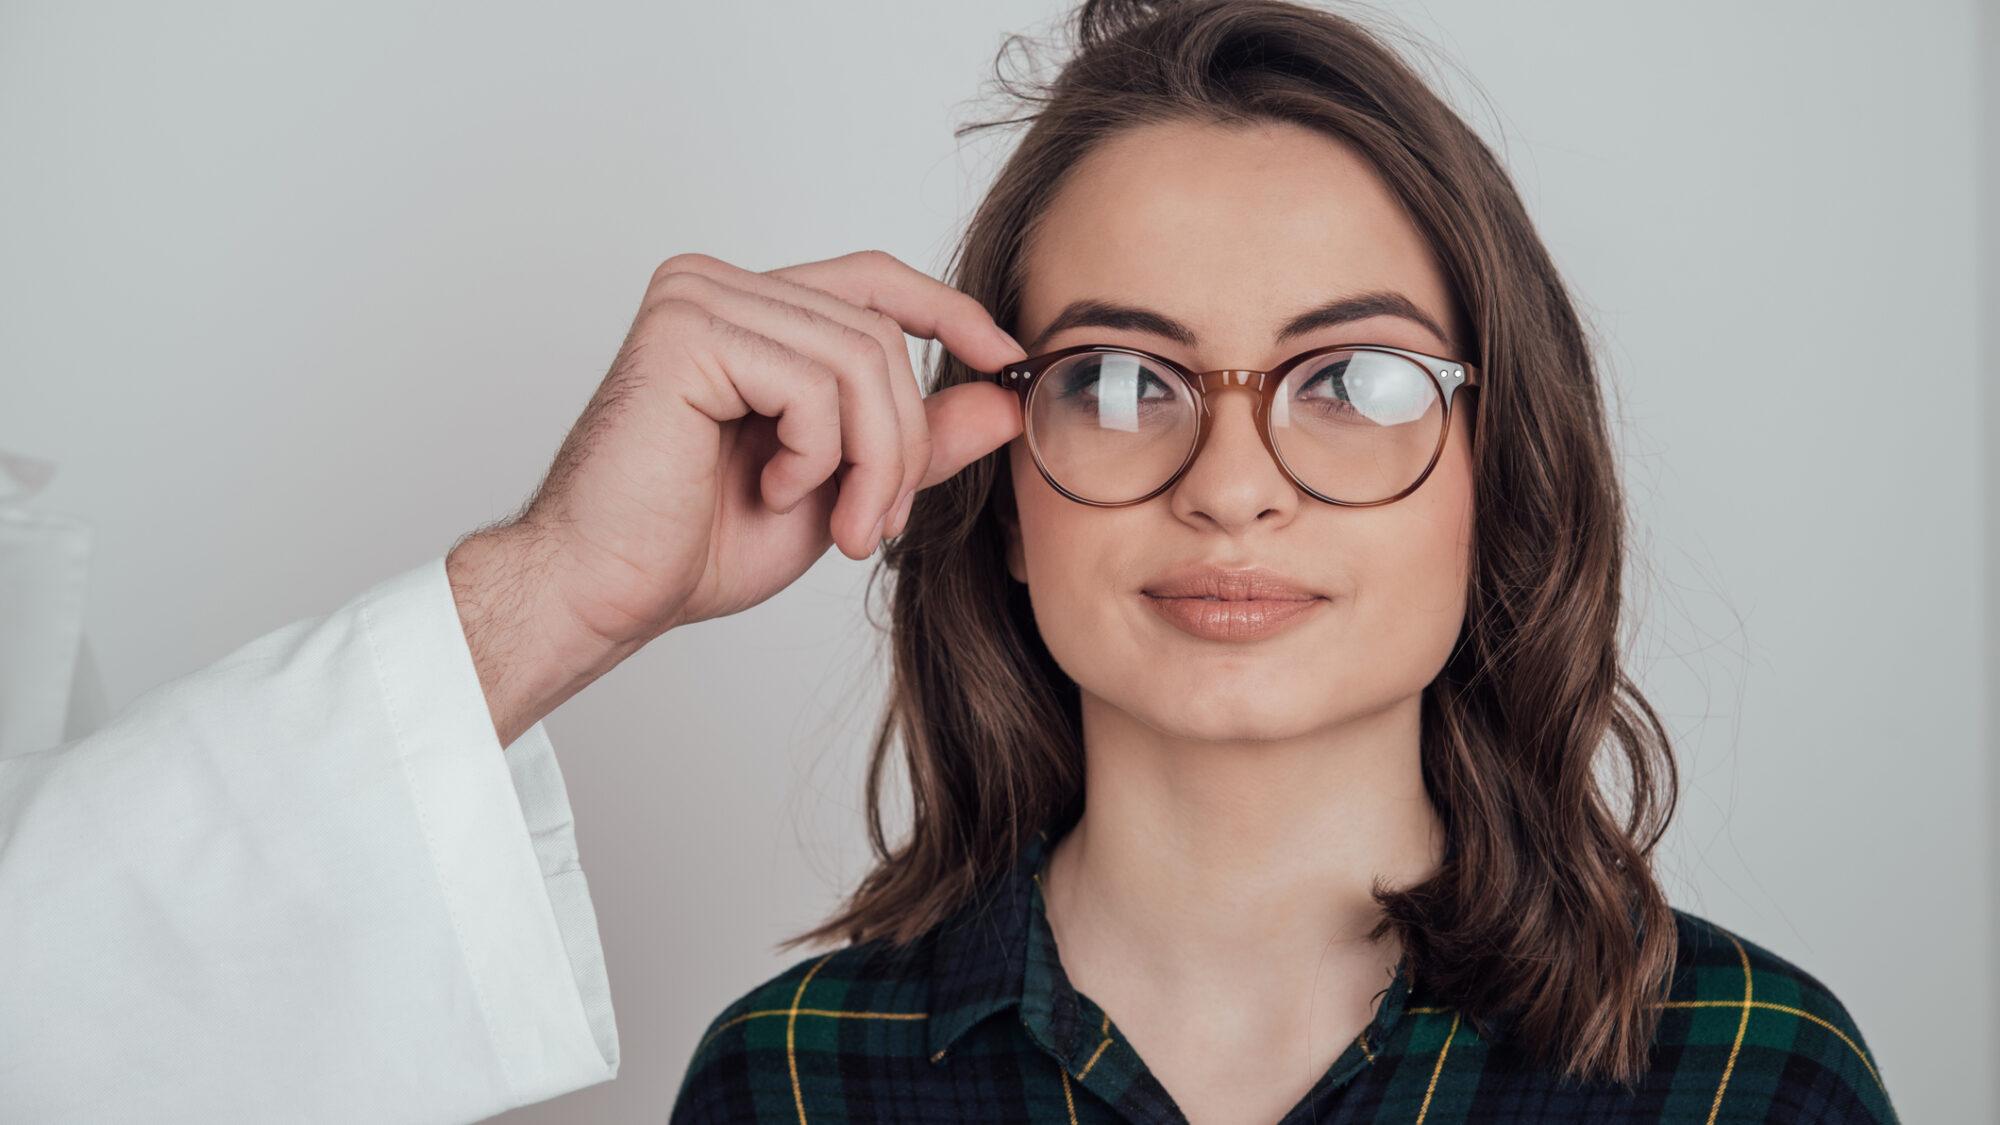 Está na hora de usar ou mudar de óculos?